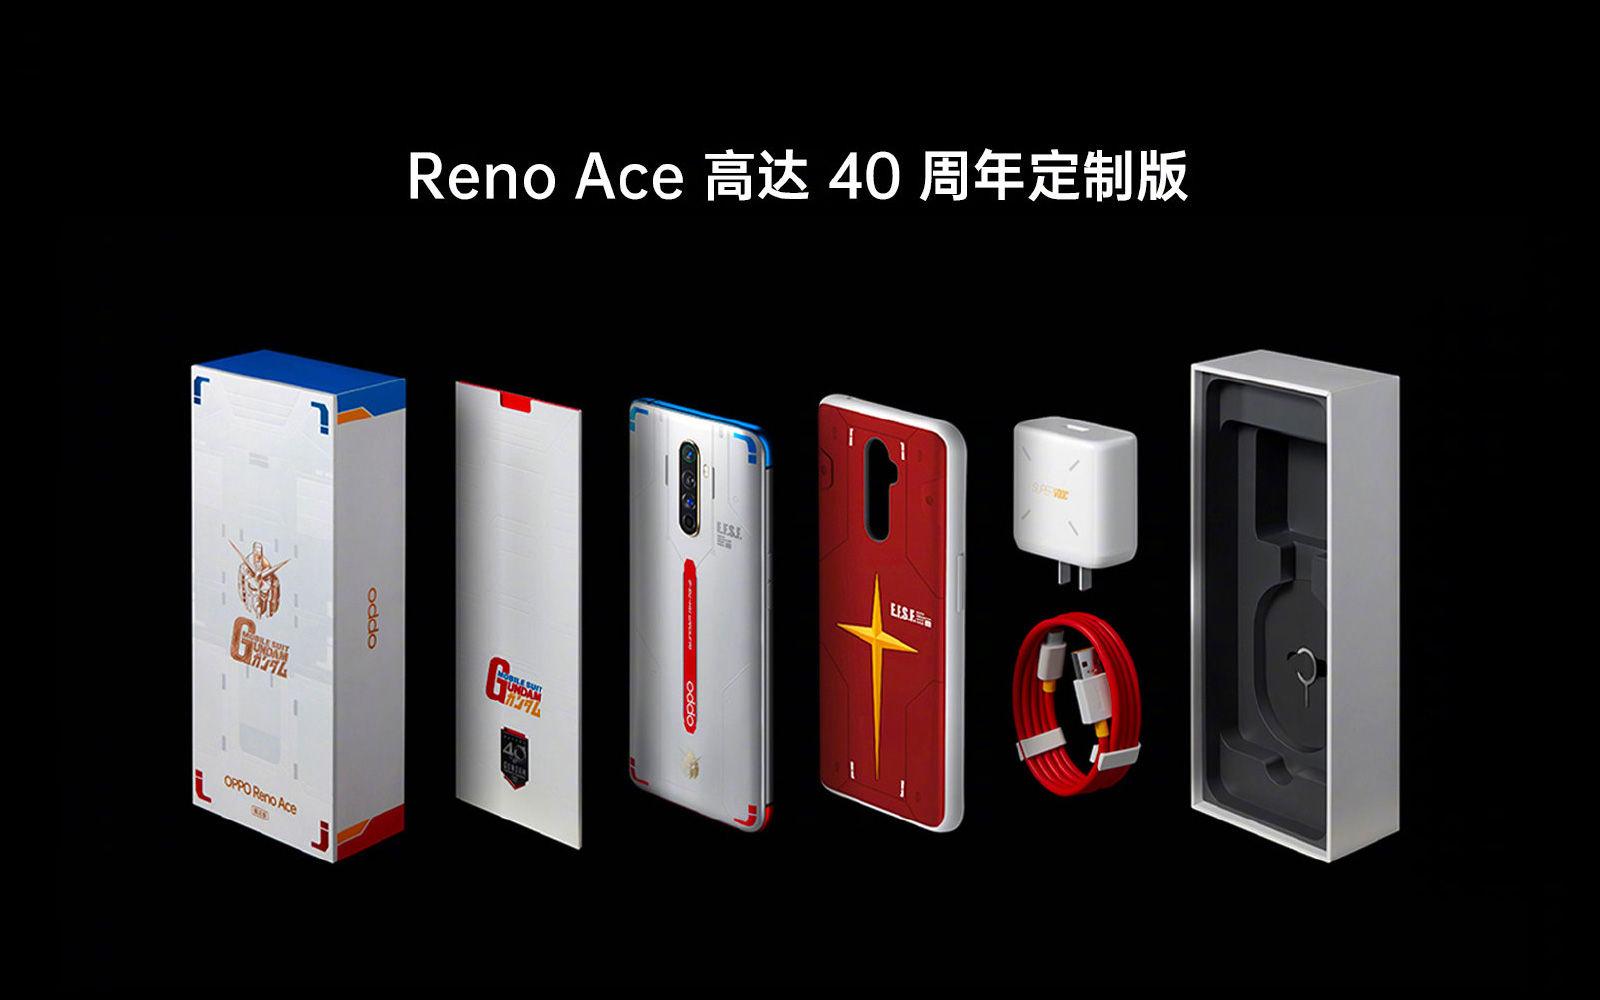 أوبو تكشف عن Reno Ace Gundam الإصدار الخاص من الهاتف الرائد الجديد Reno Ace